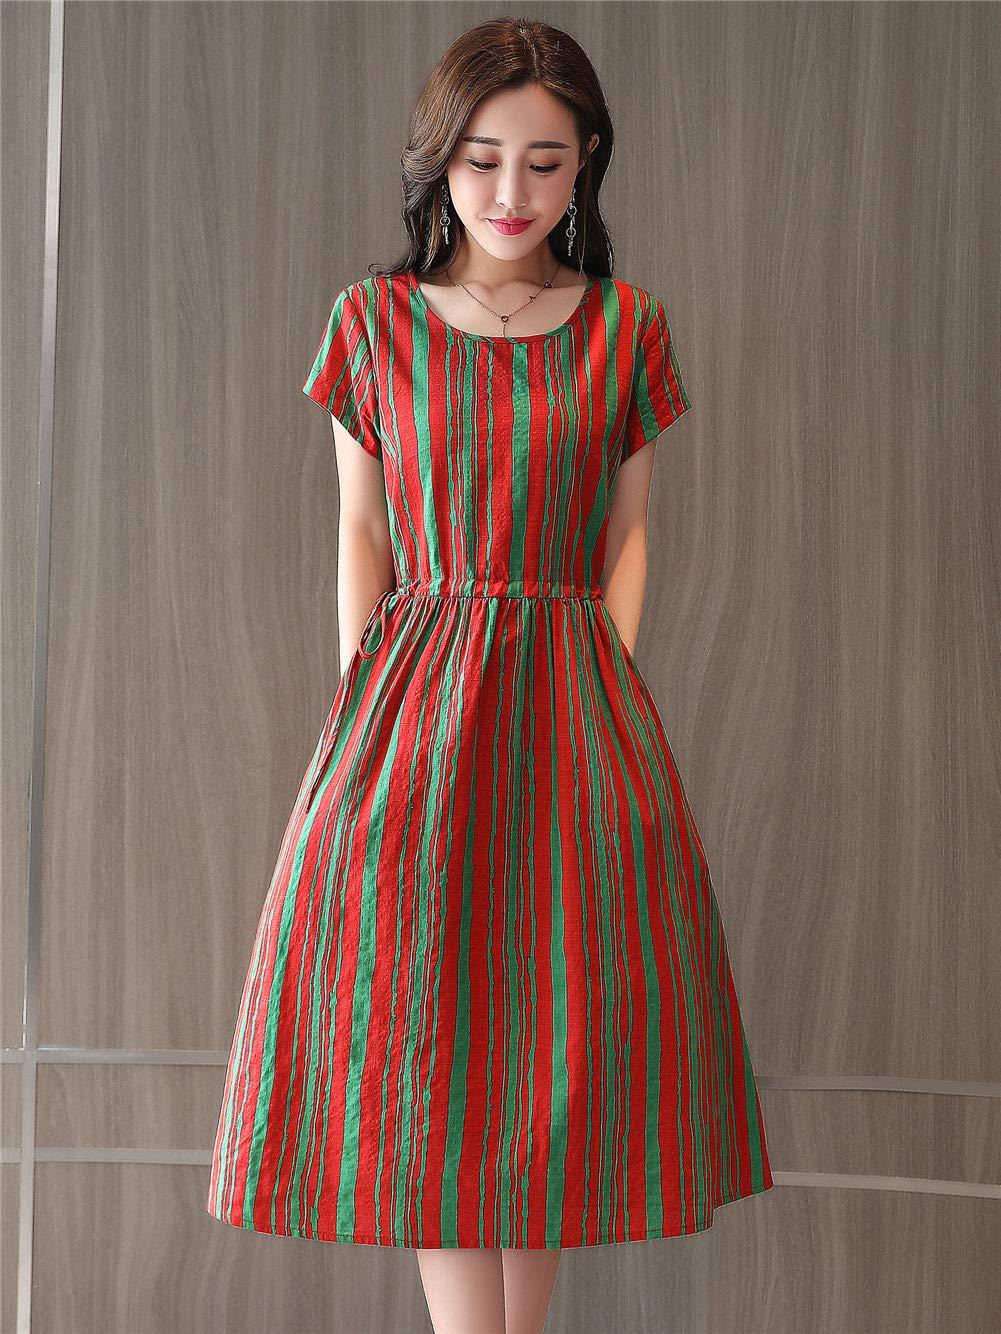 Fanru 梵如 女式 夏装新款韩版修身棉麻连衣裙女短袖中长款淑女气质学院风裙子 F518-658